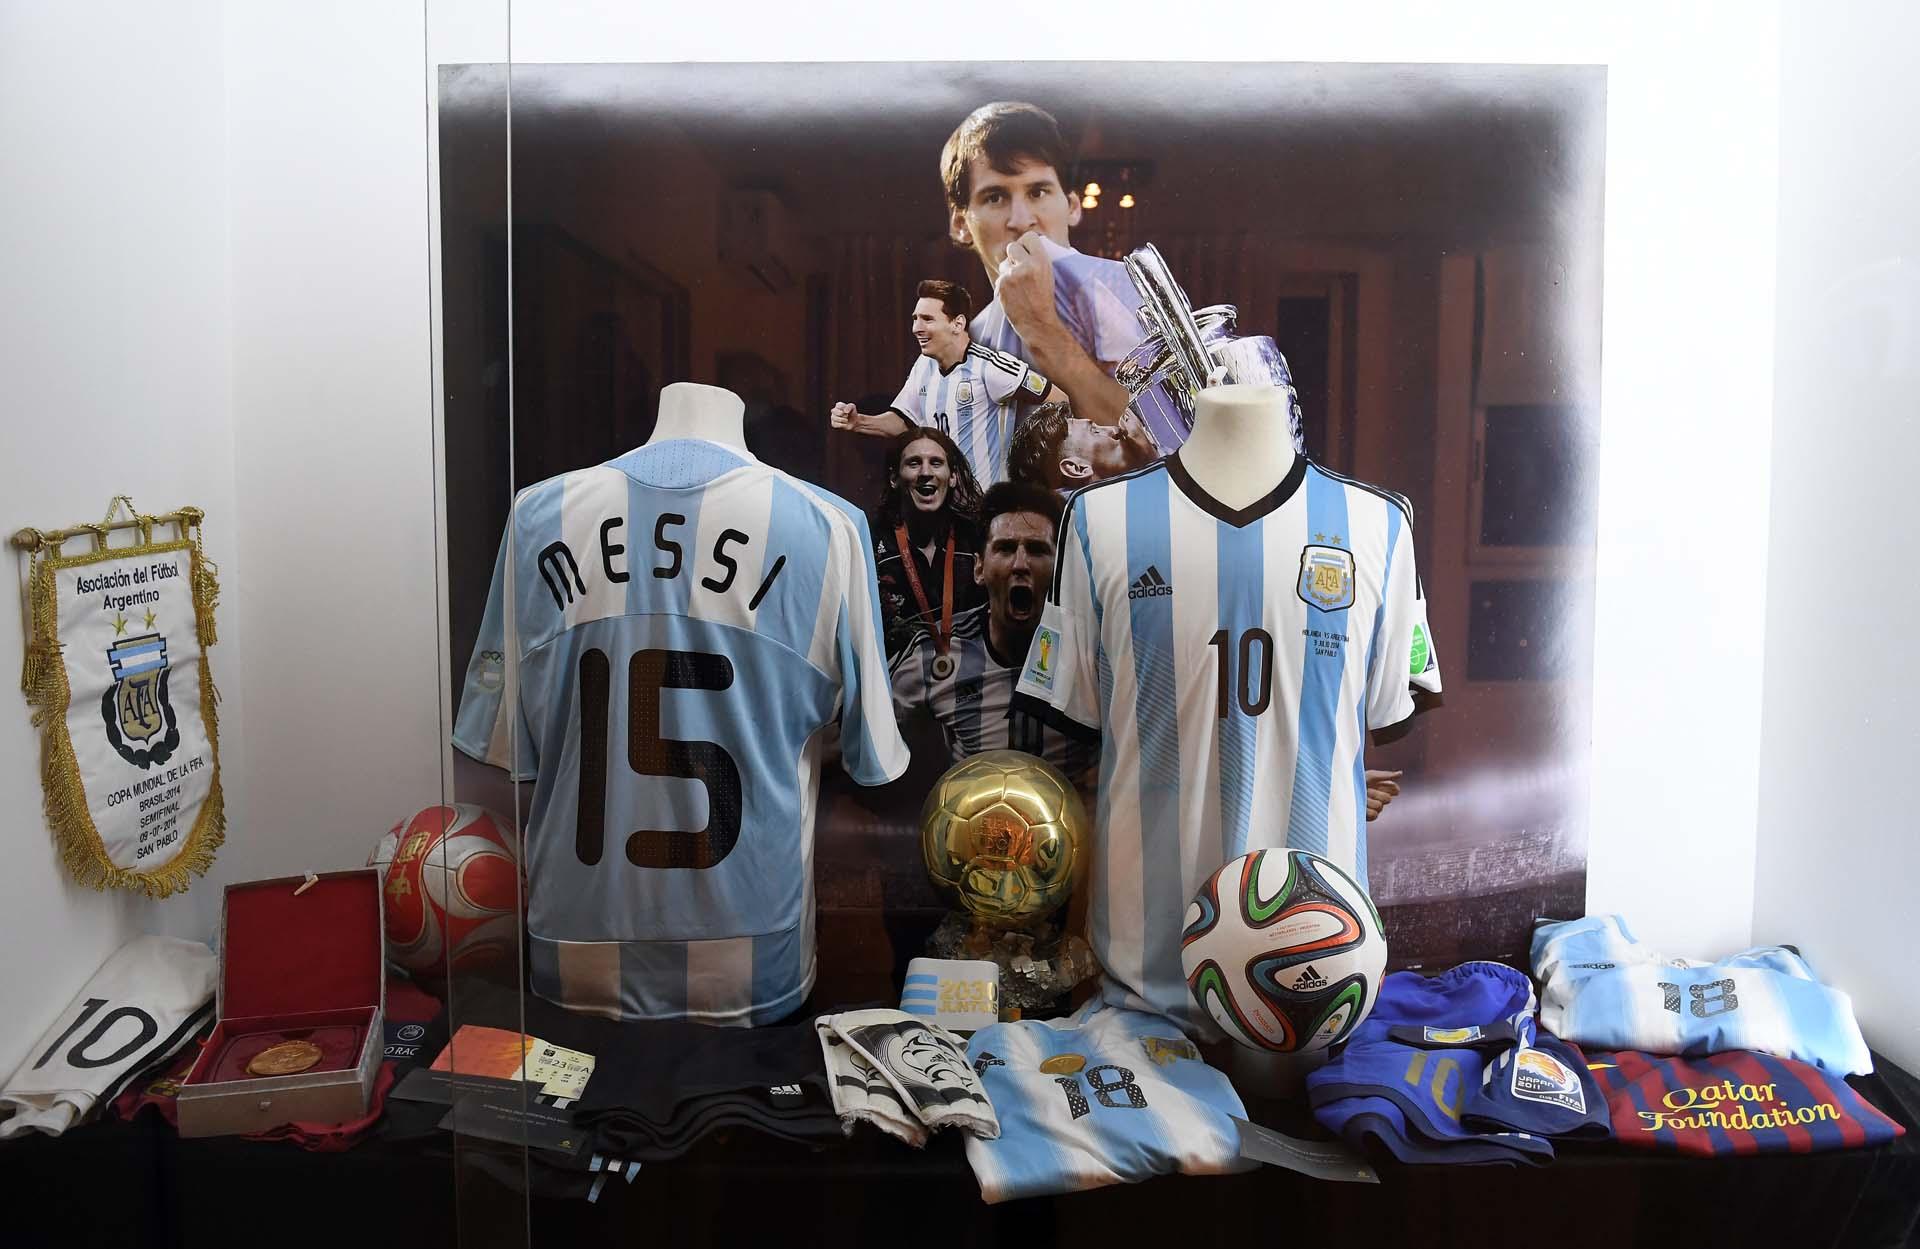 Un altar dedicado exclusivamente al astro Lionel Messi: se luce la 15 usada en los Juegos Olímpicos y la 10 de las semifinales contra Holanda en el Mundial de 2014 (Nicolás Stulberg)